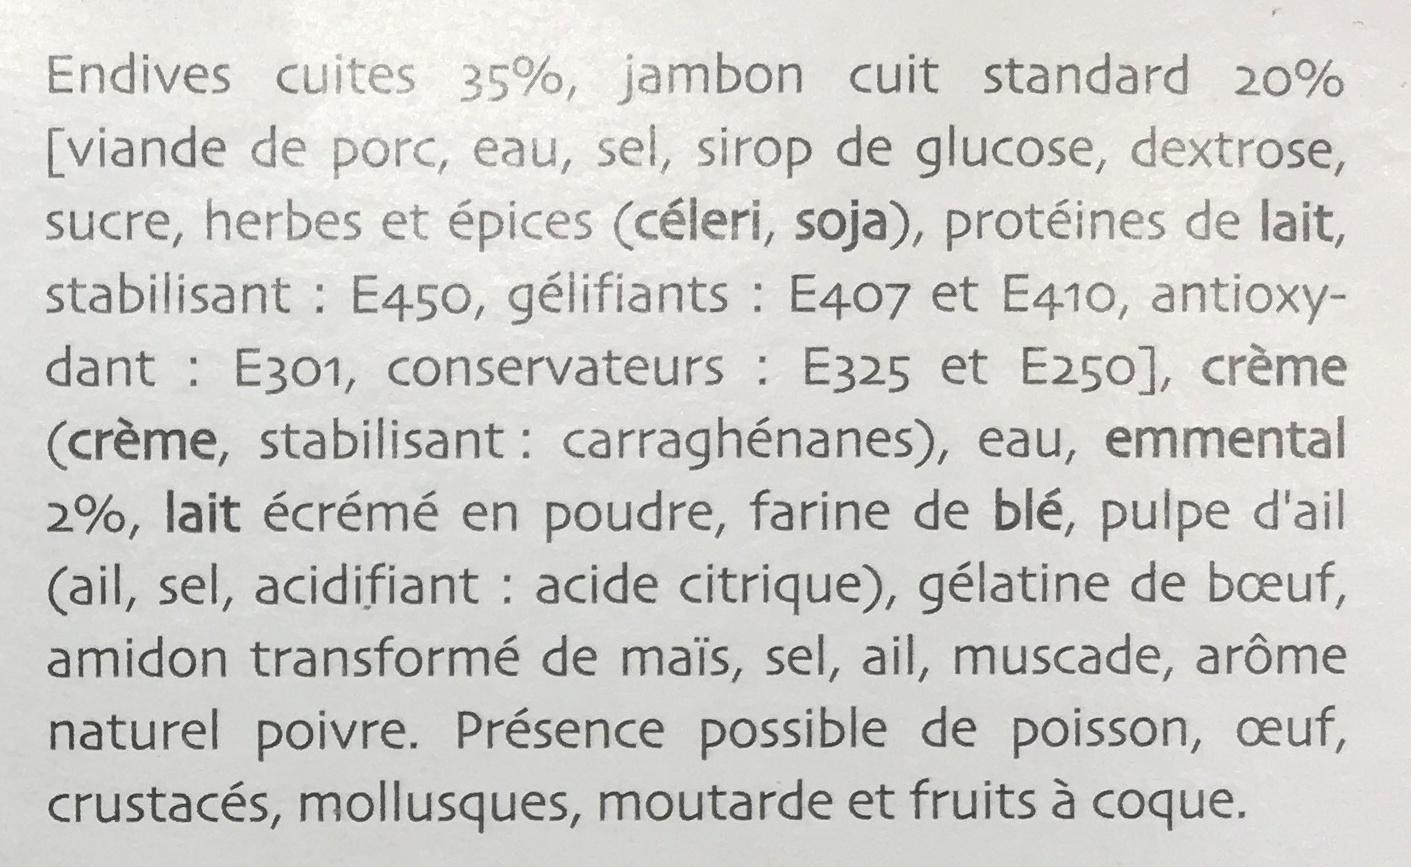 Endives au jambon - Ingrédients - fr